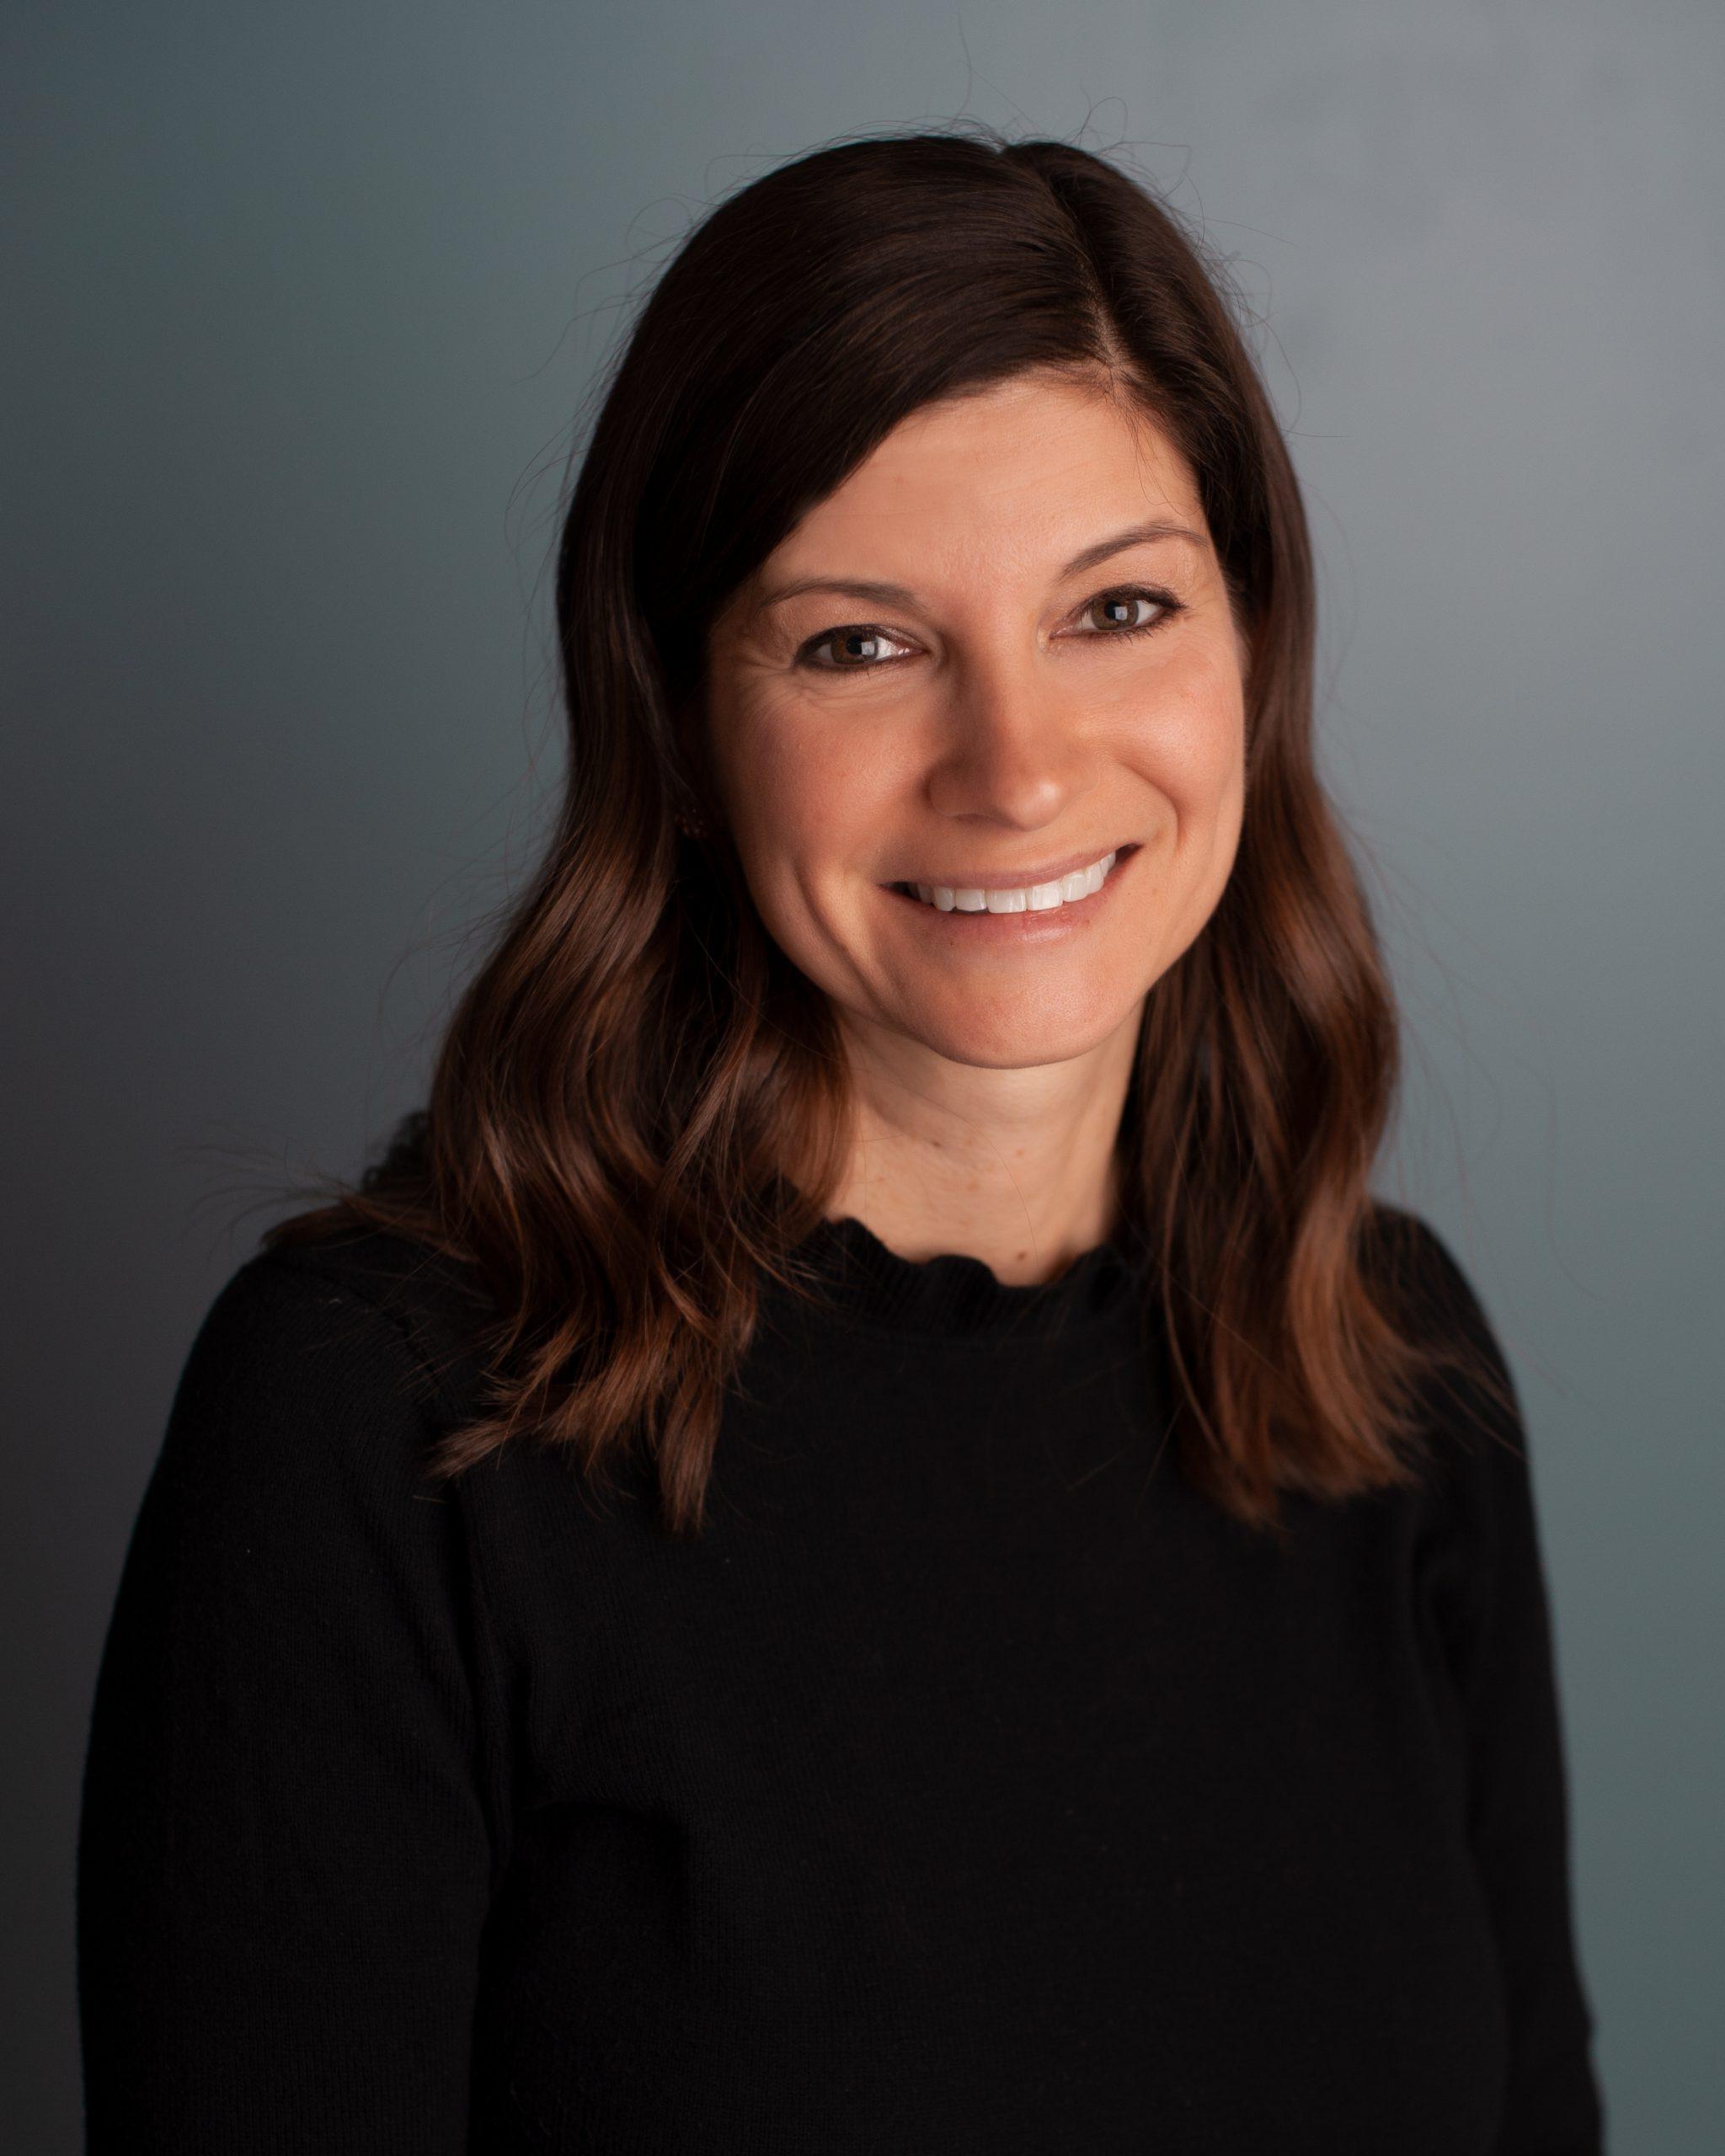 Jill Christopher